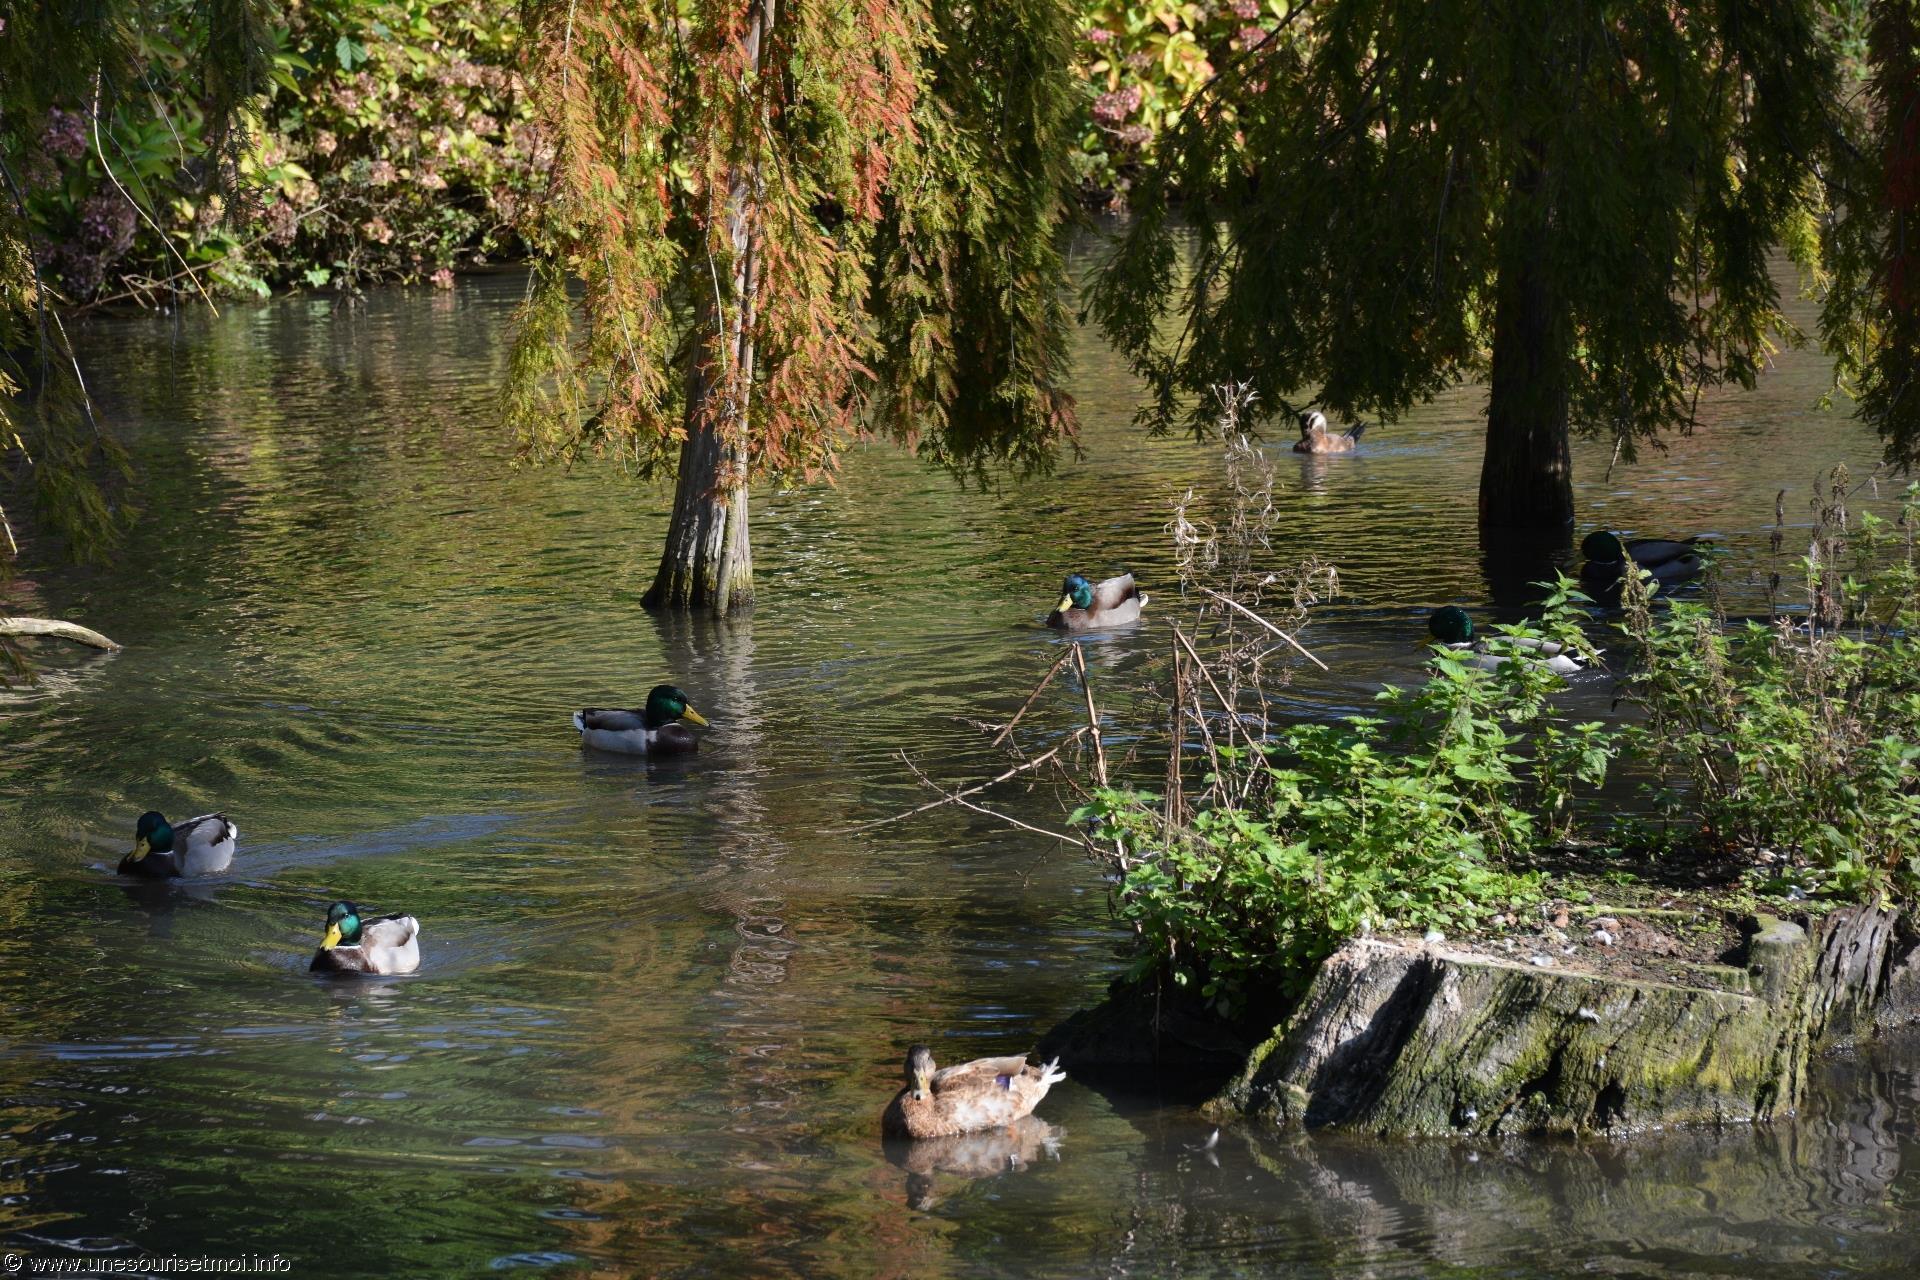 canards_fonds-ecran-gratuits_photos-oiseaux_12